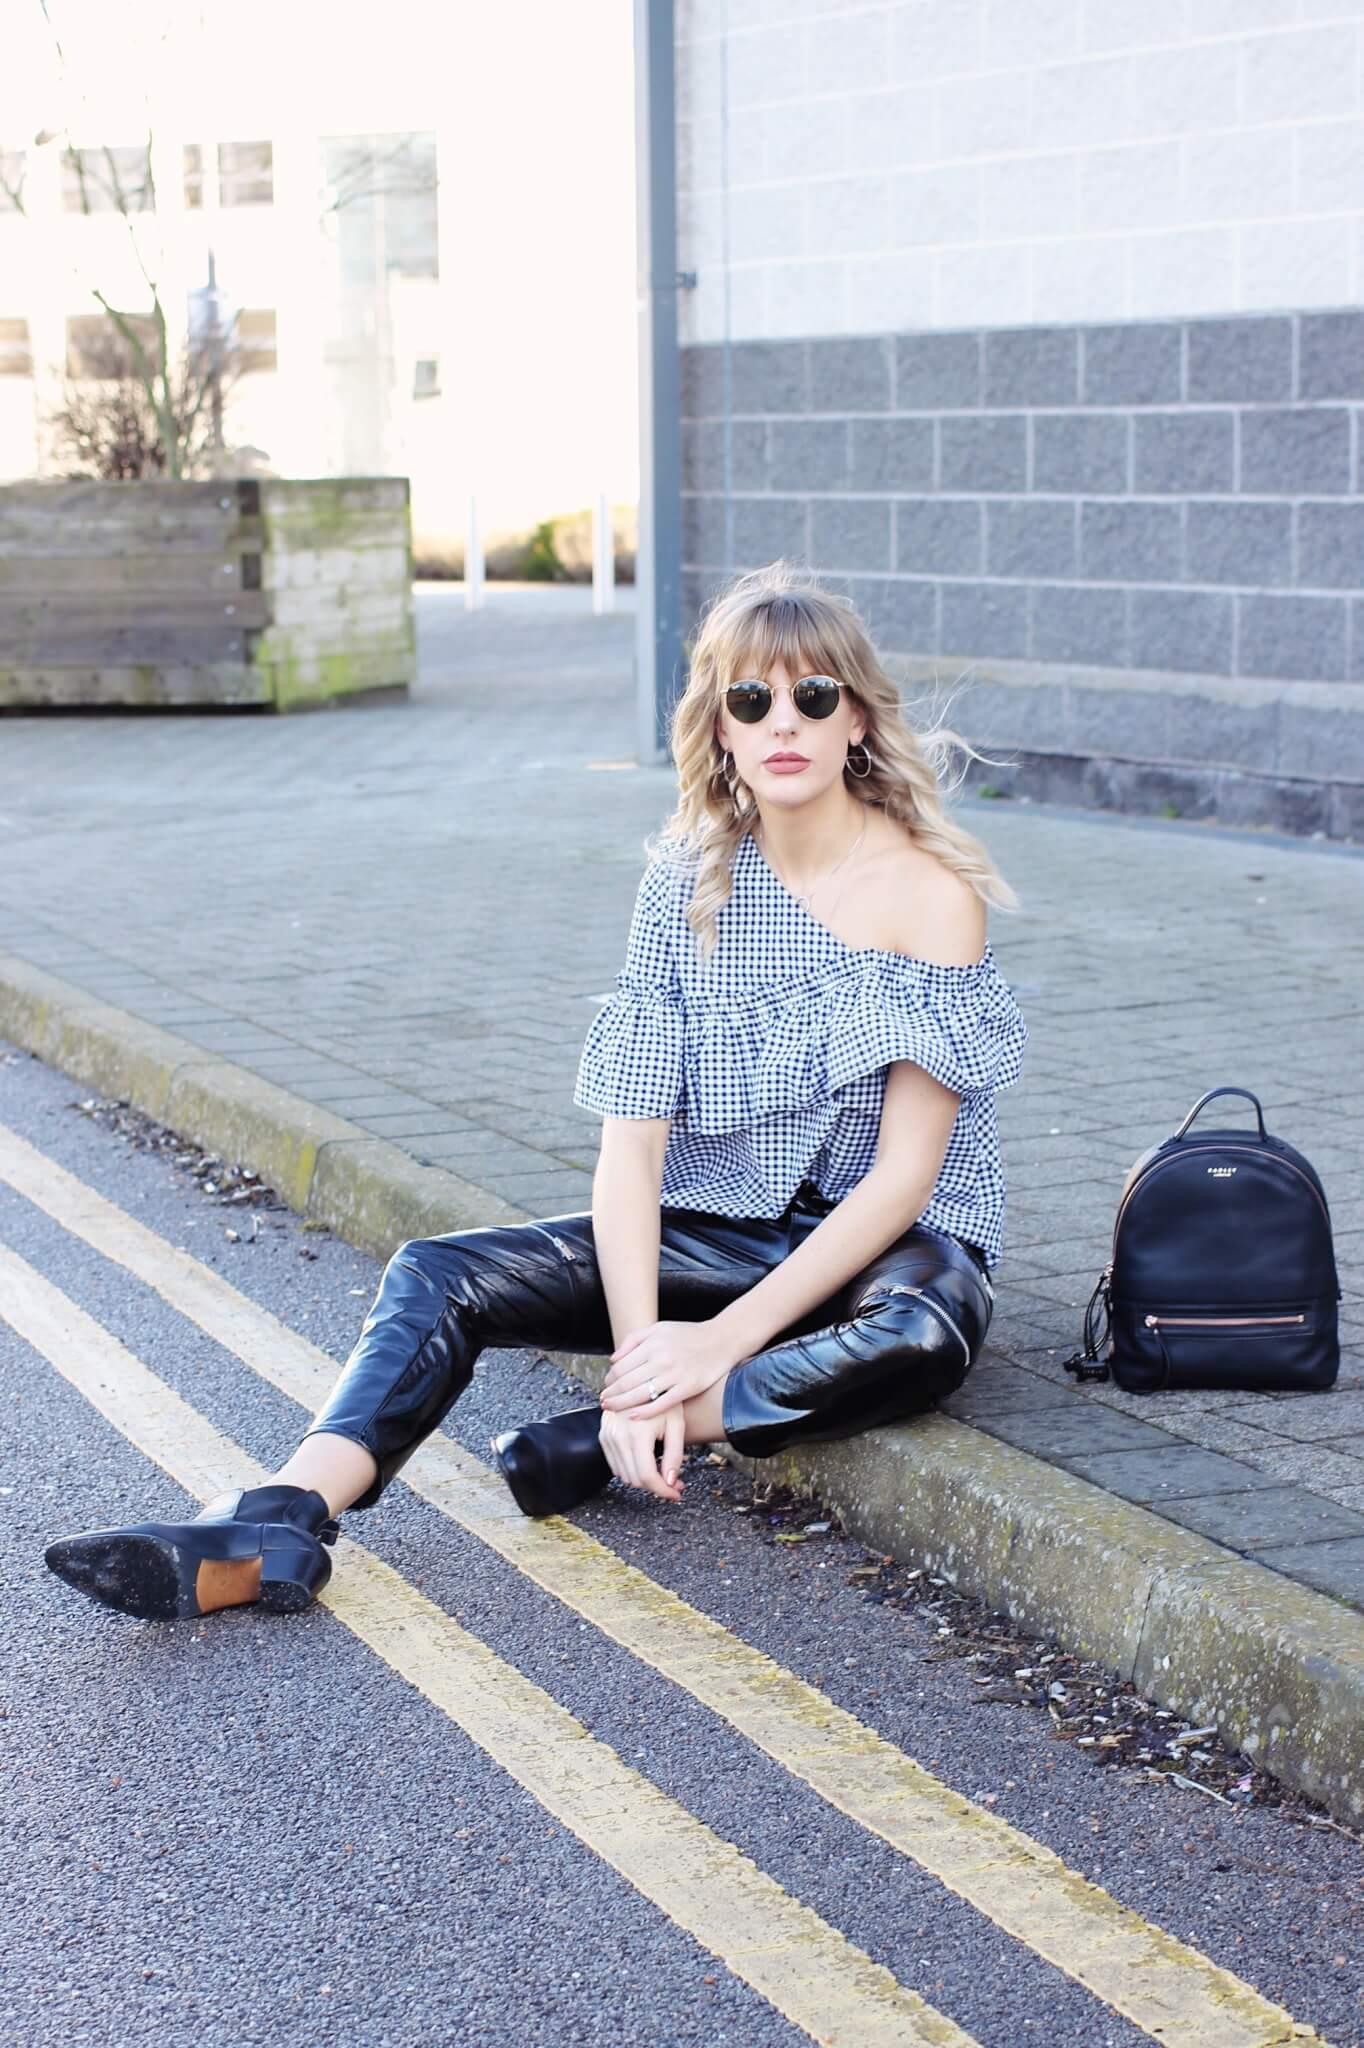 Topshop Gingham Off shoulder top on UK high street fashion blogger Charlotte Buttrick